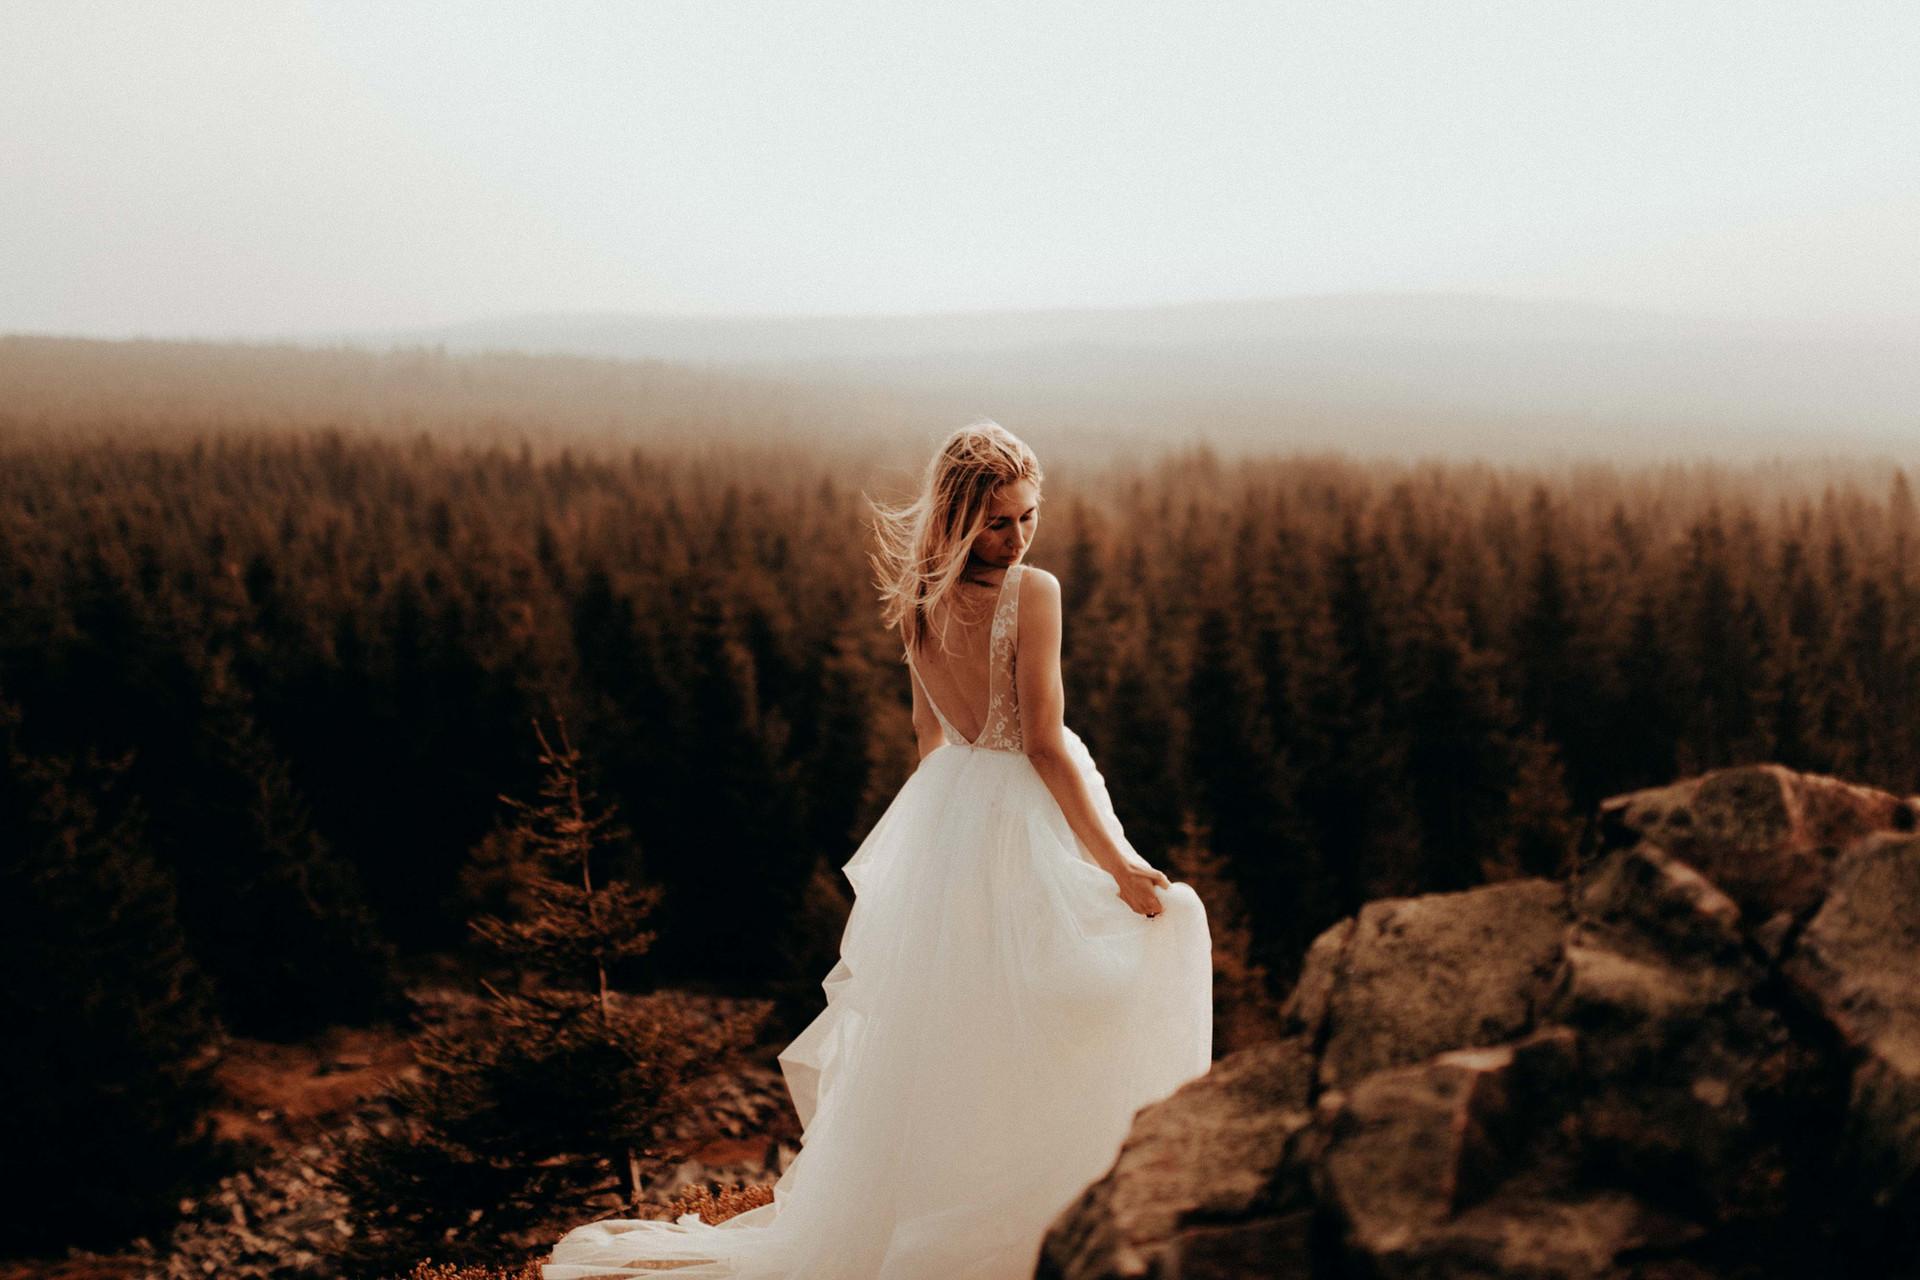 Harz-Brautkleid-Hochzeit-016.jpg